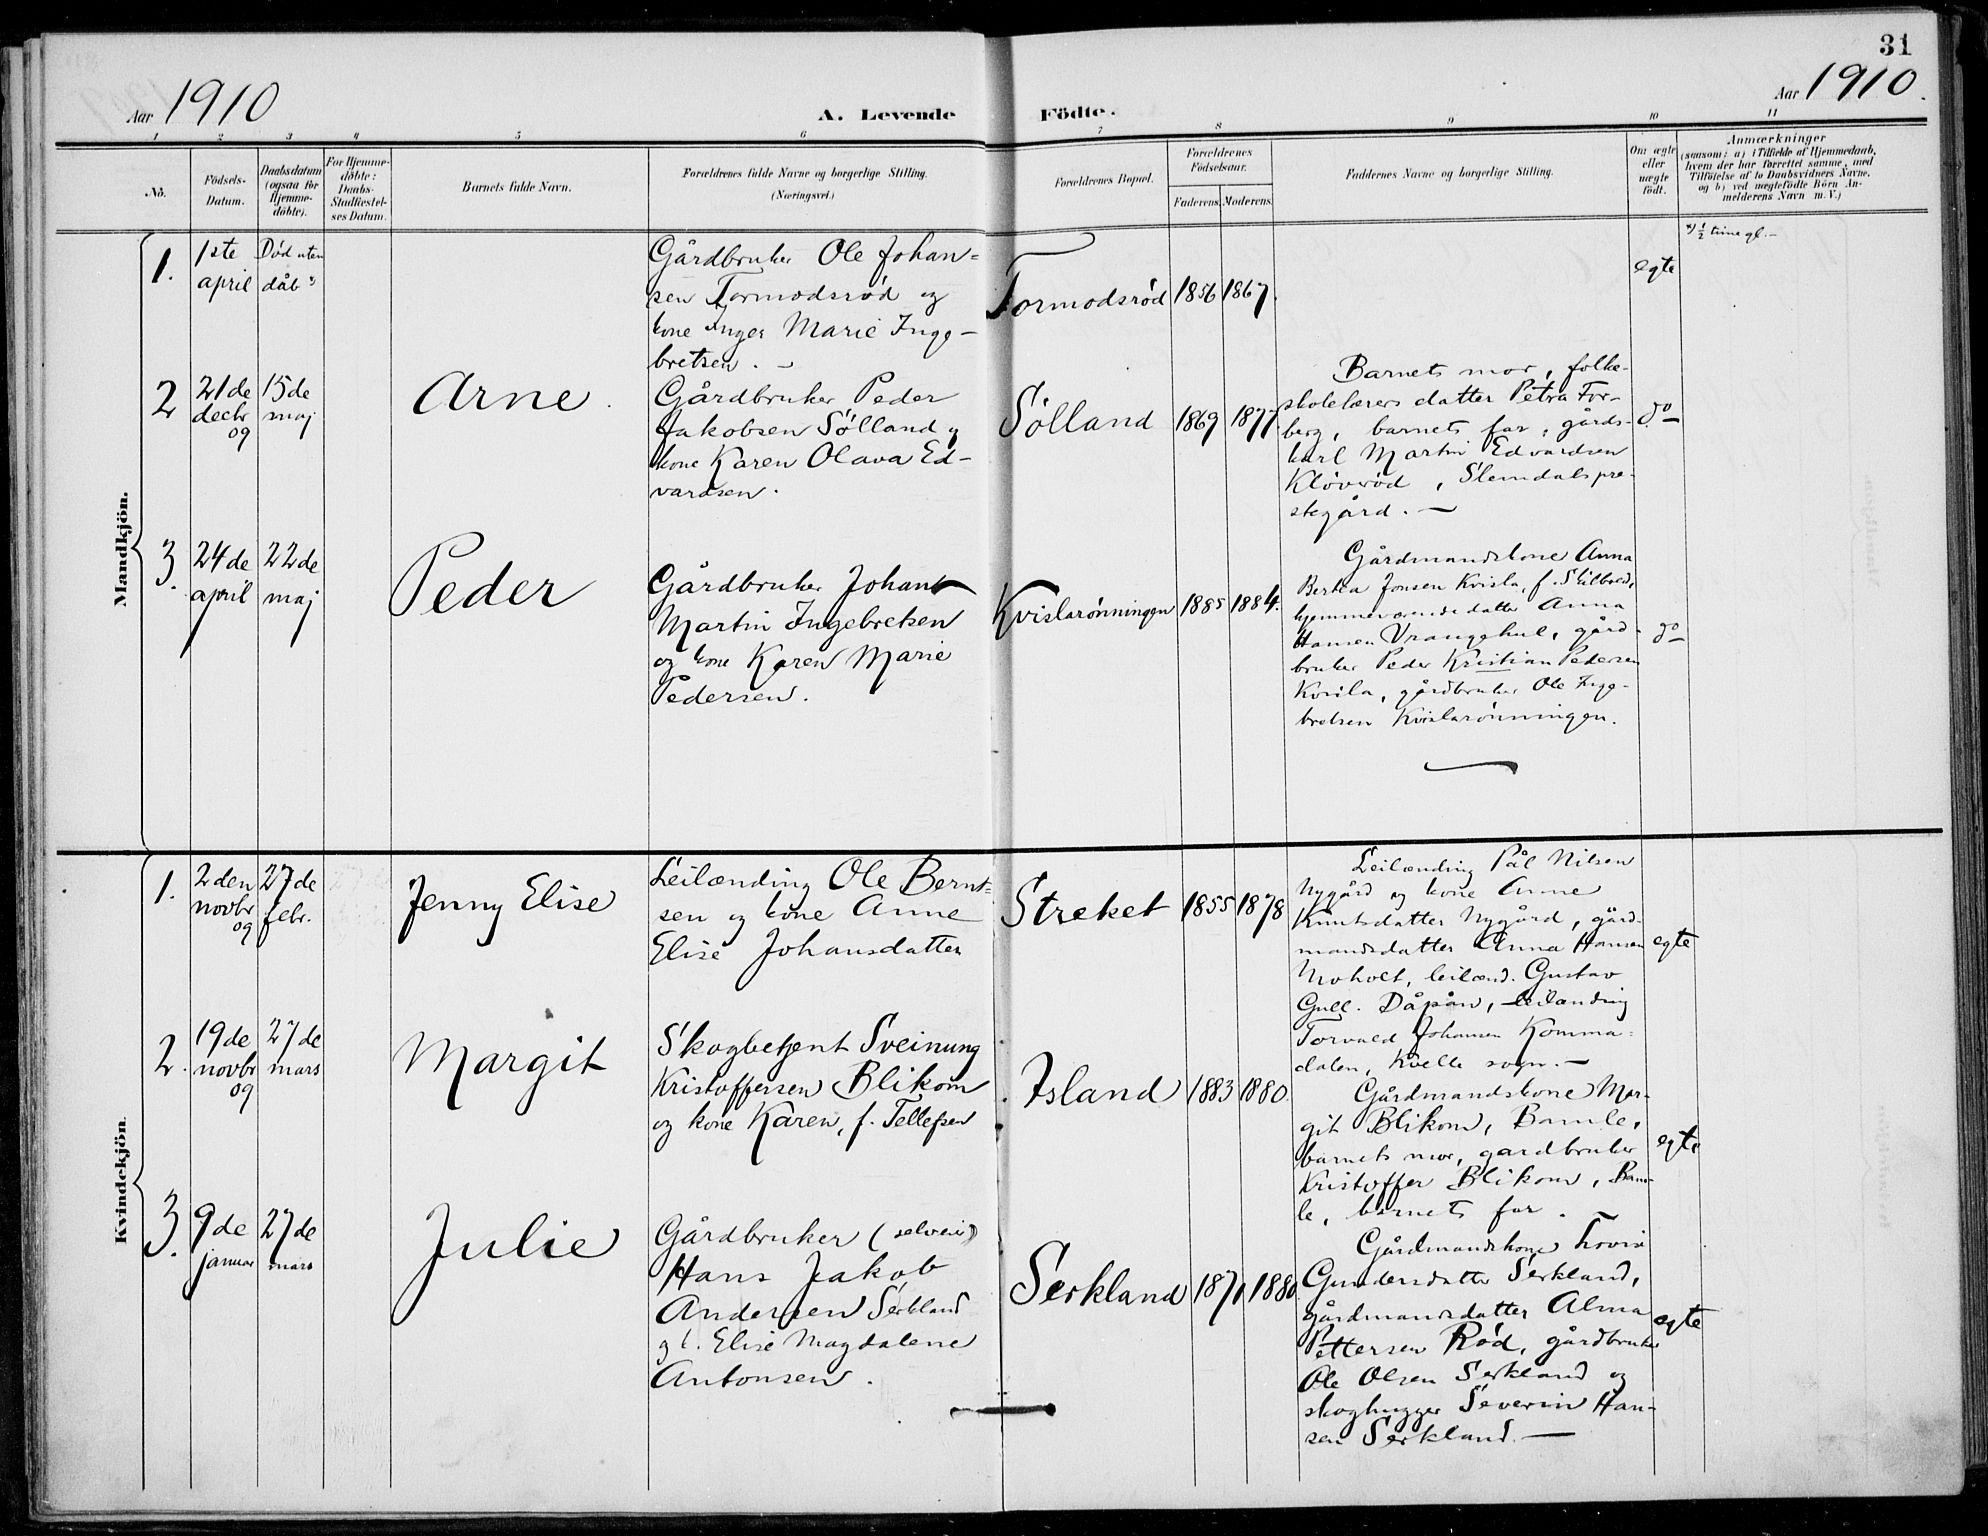 SAKO, Siljan kirkebøker, F/Fa/L0003: Ministerialbok nr. 3, 1896-1910, s. 31